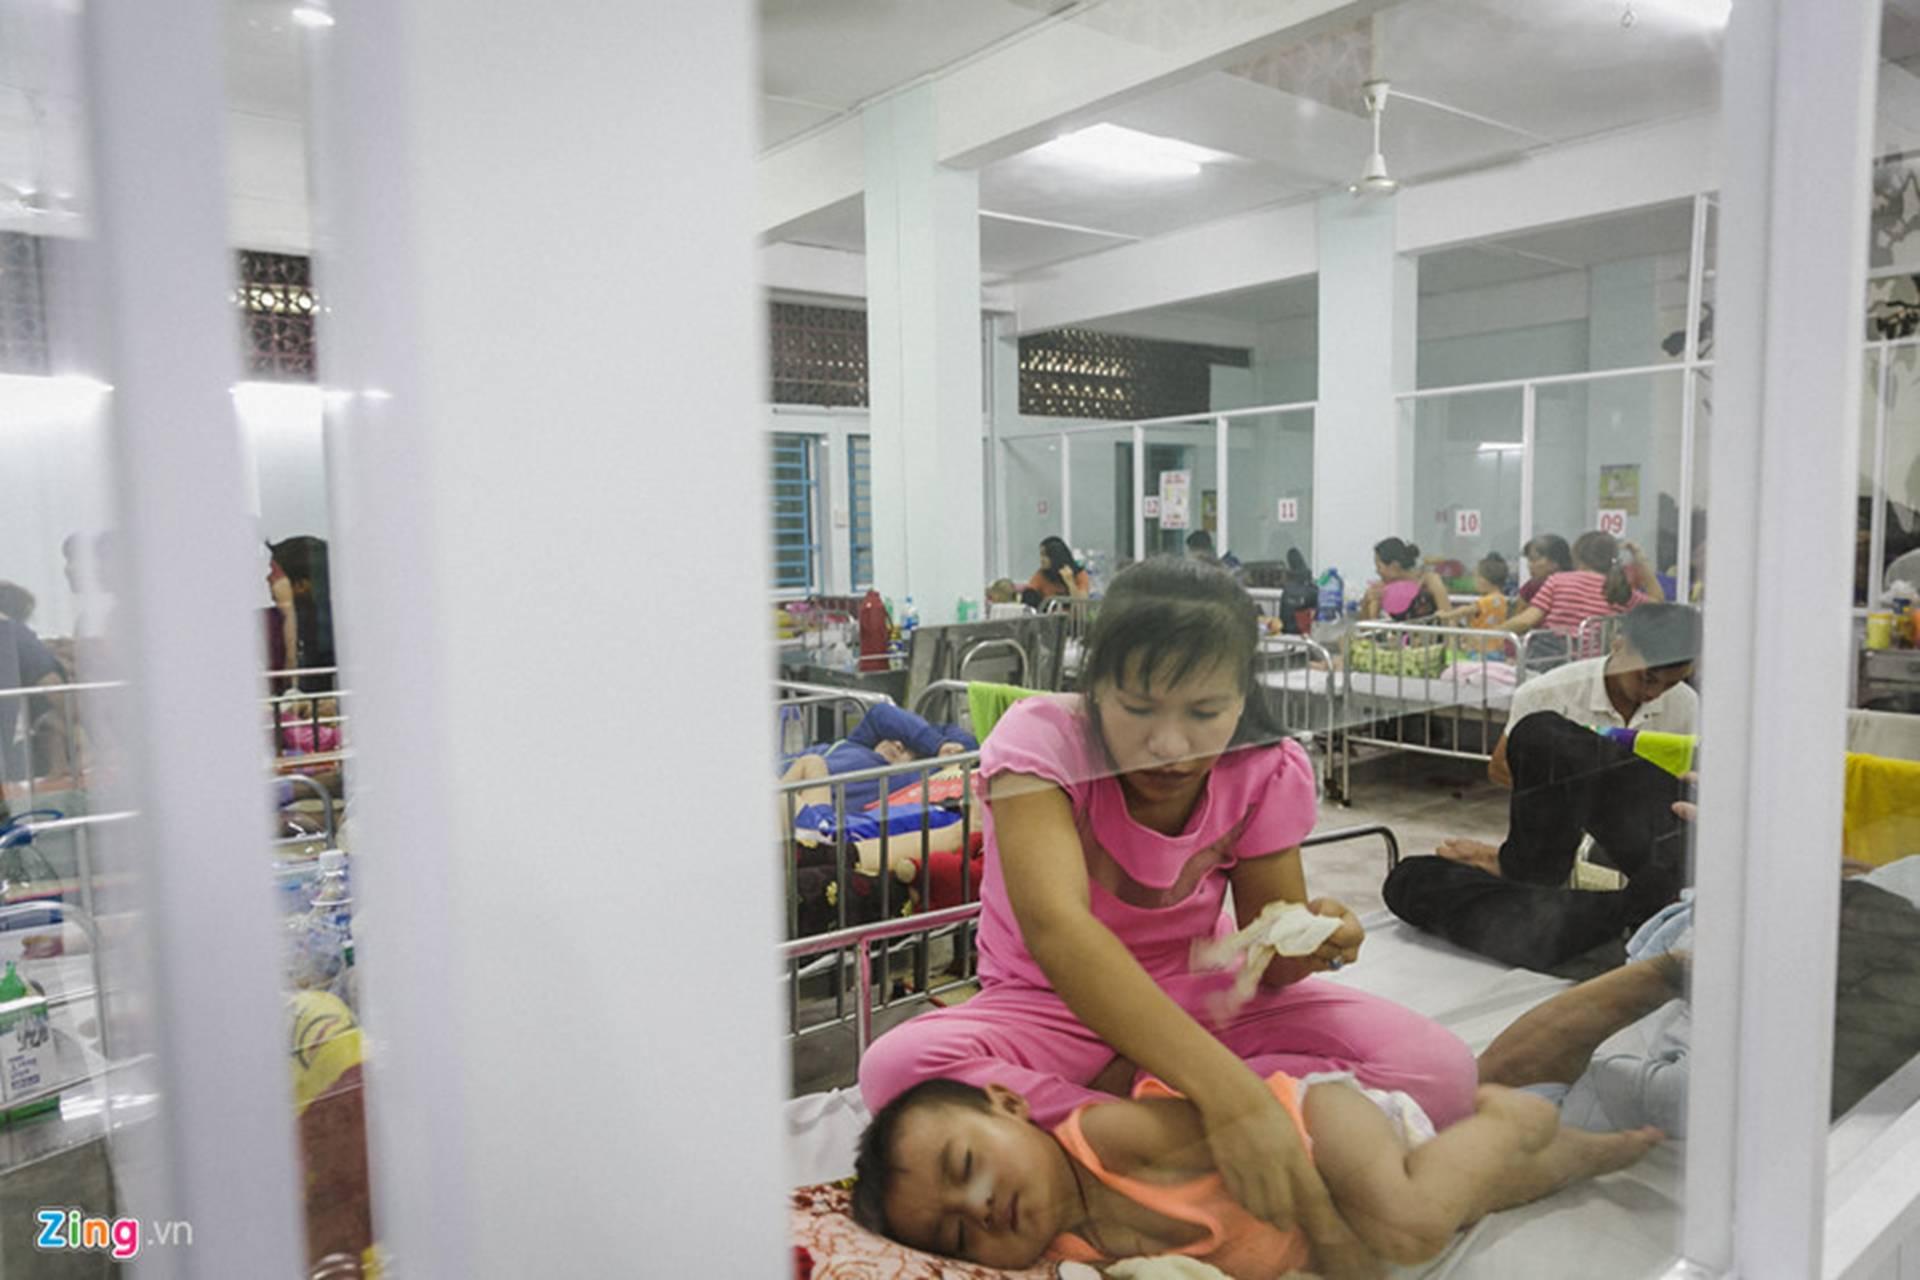 Bệnh viện Nhi ở Sài Gòn vỡ trận vì dịch chồng dịch-26